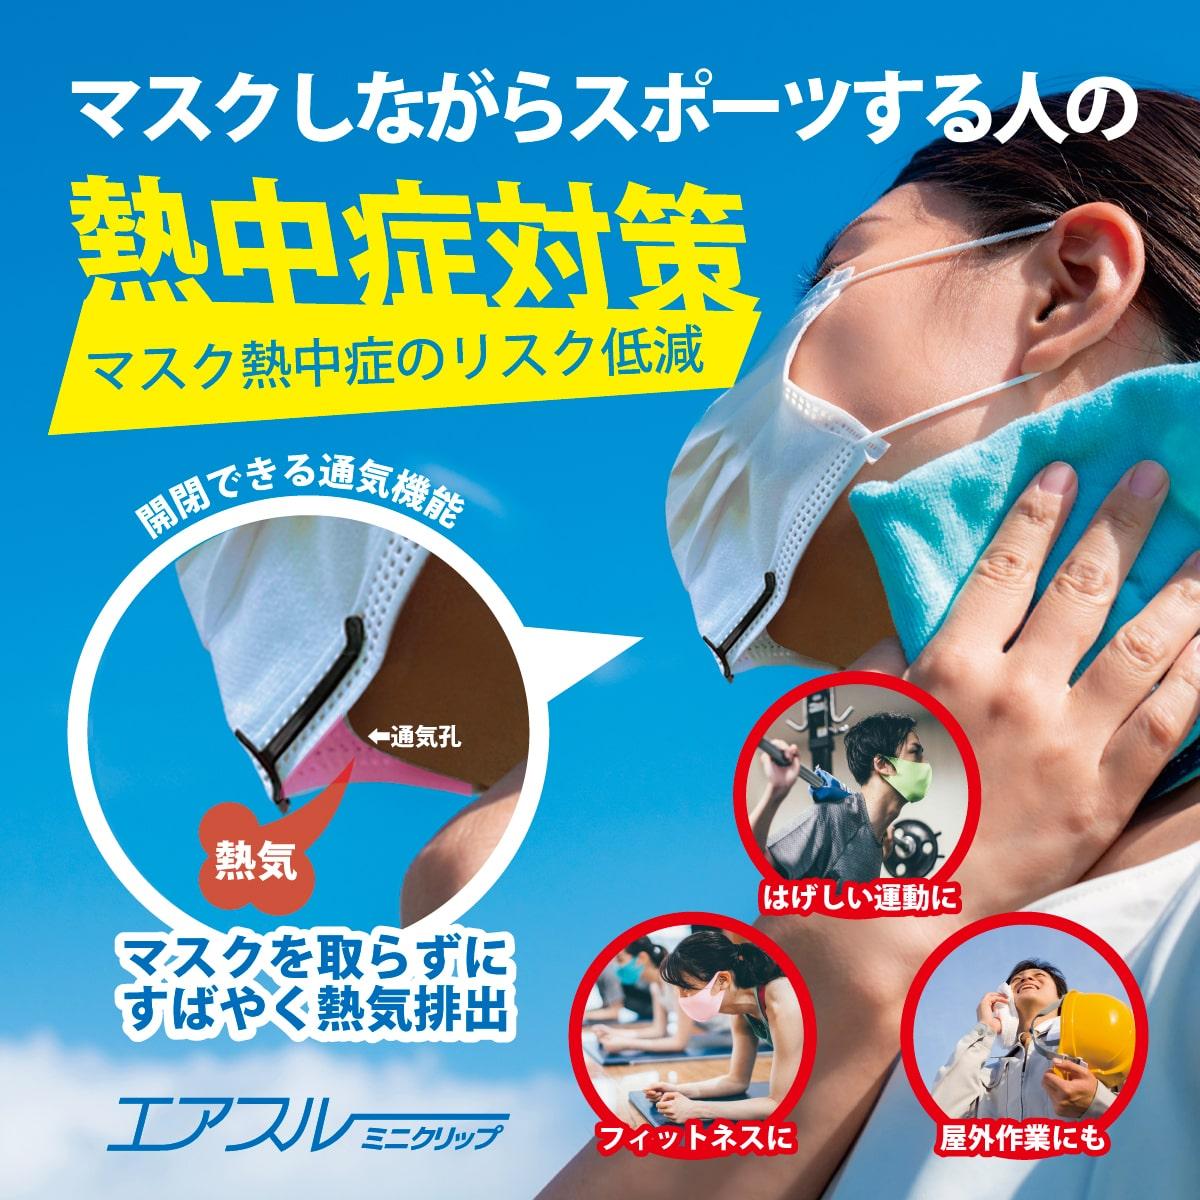 マスク内の空気を入れ替える 「エアスルーミニクリップ」